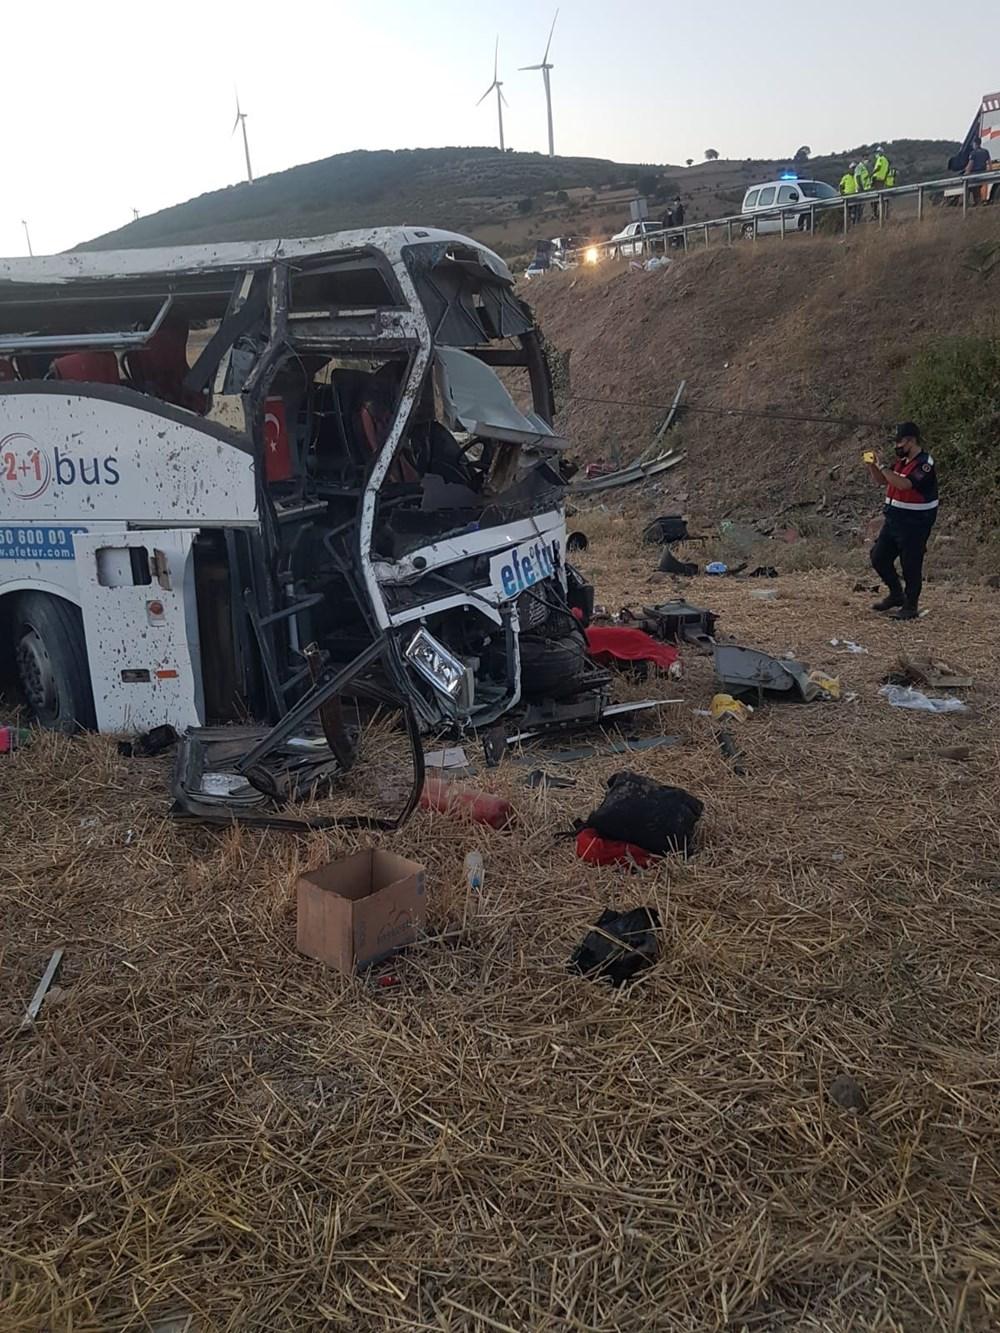 Balıkesir'de yolcu otobüsü devrildi: 14 kişi hayatını kaybetti - 2